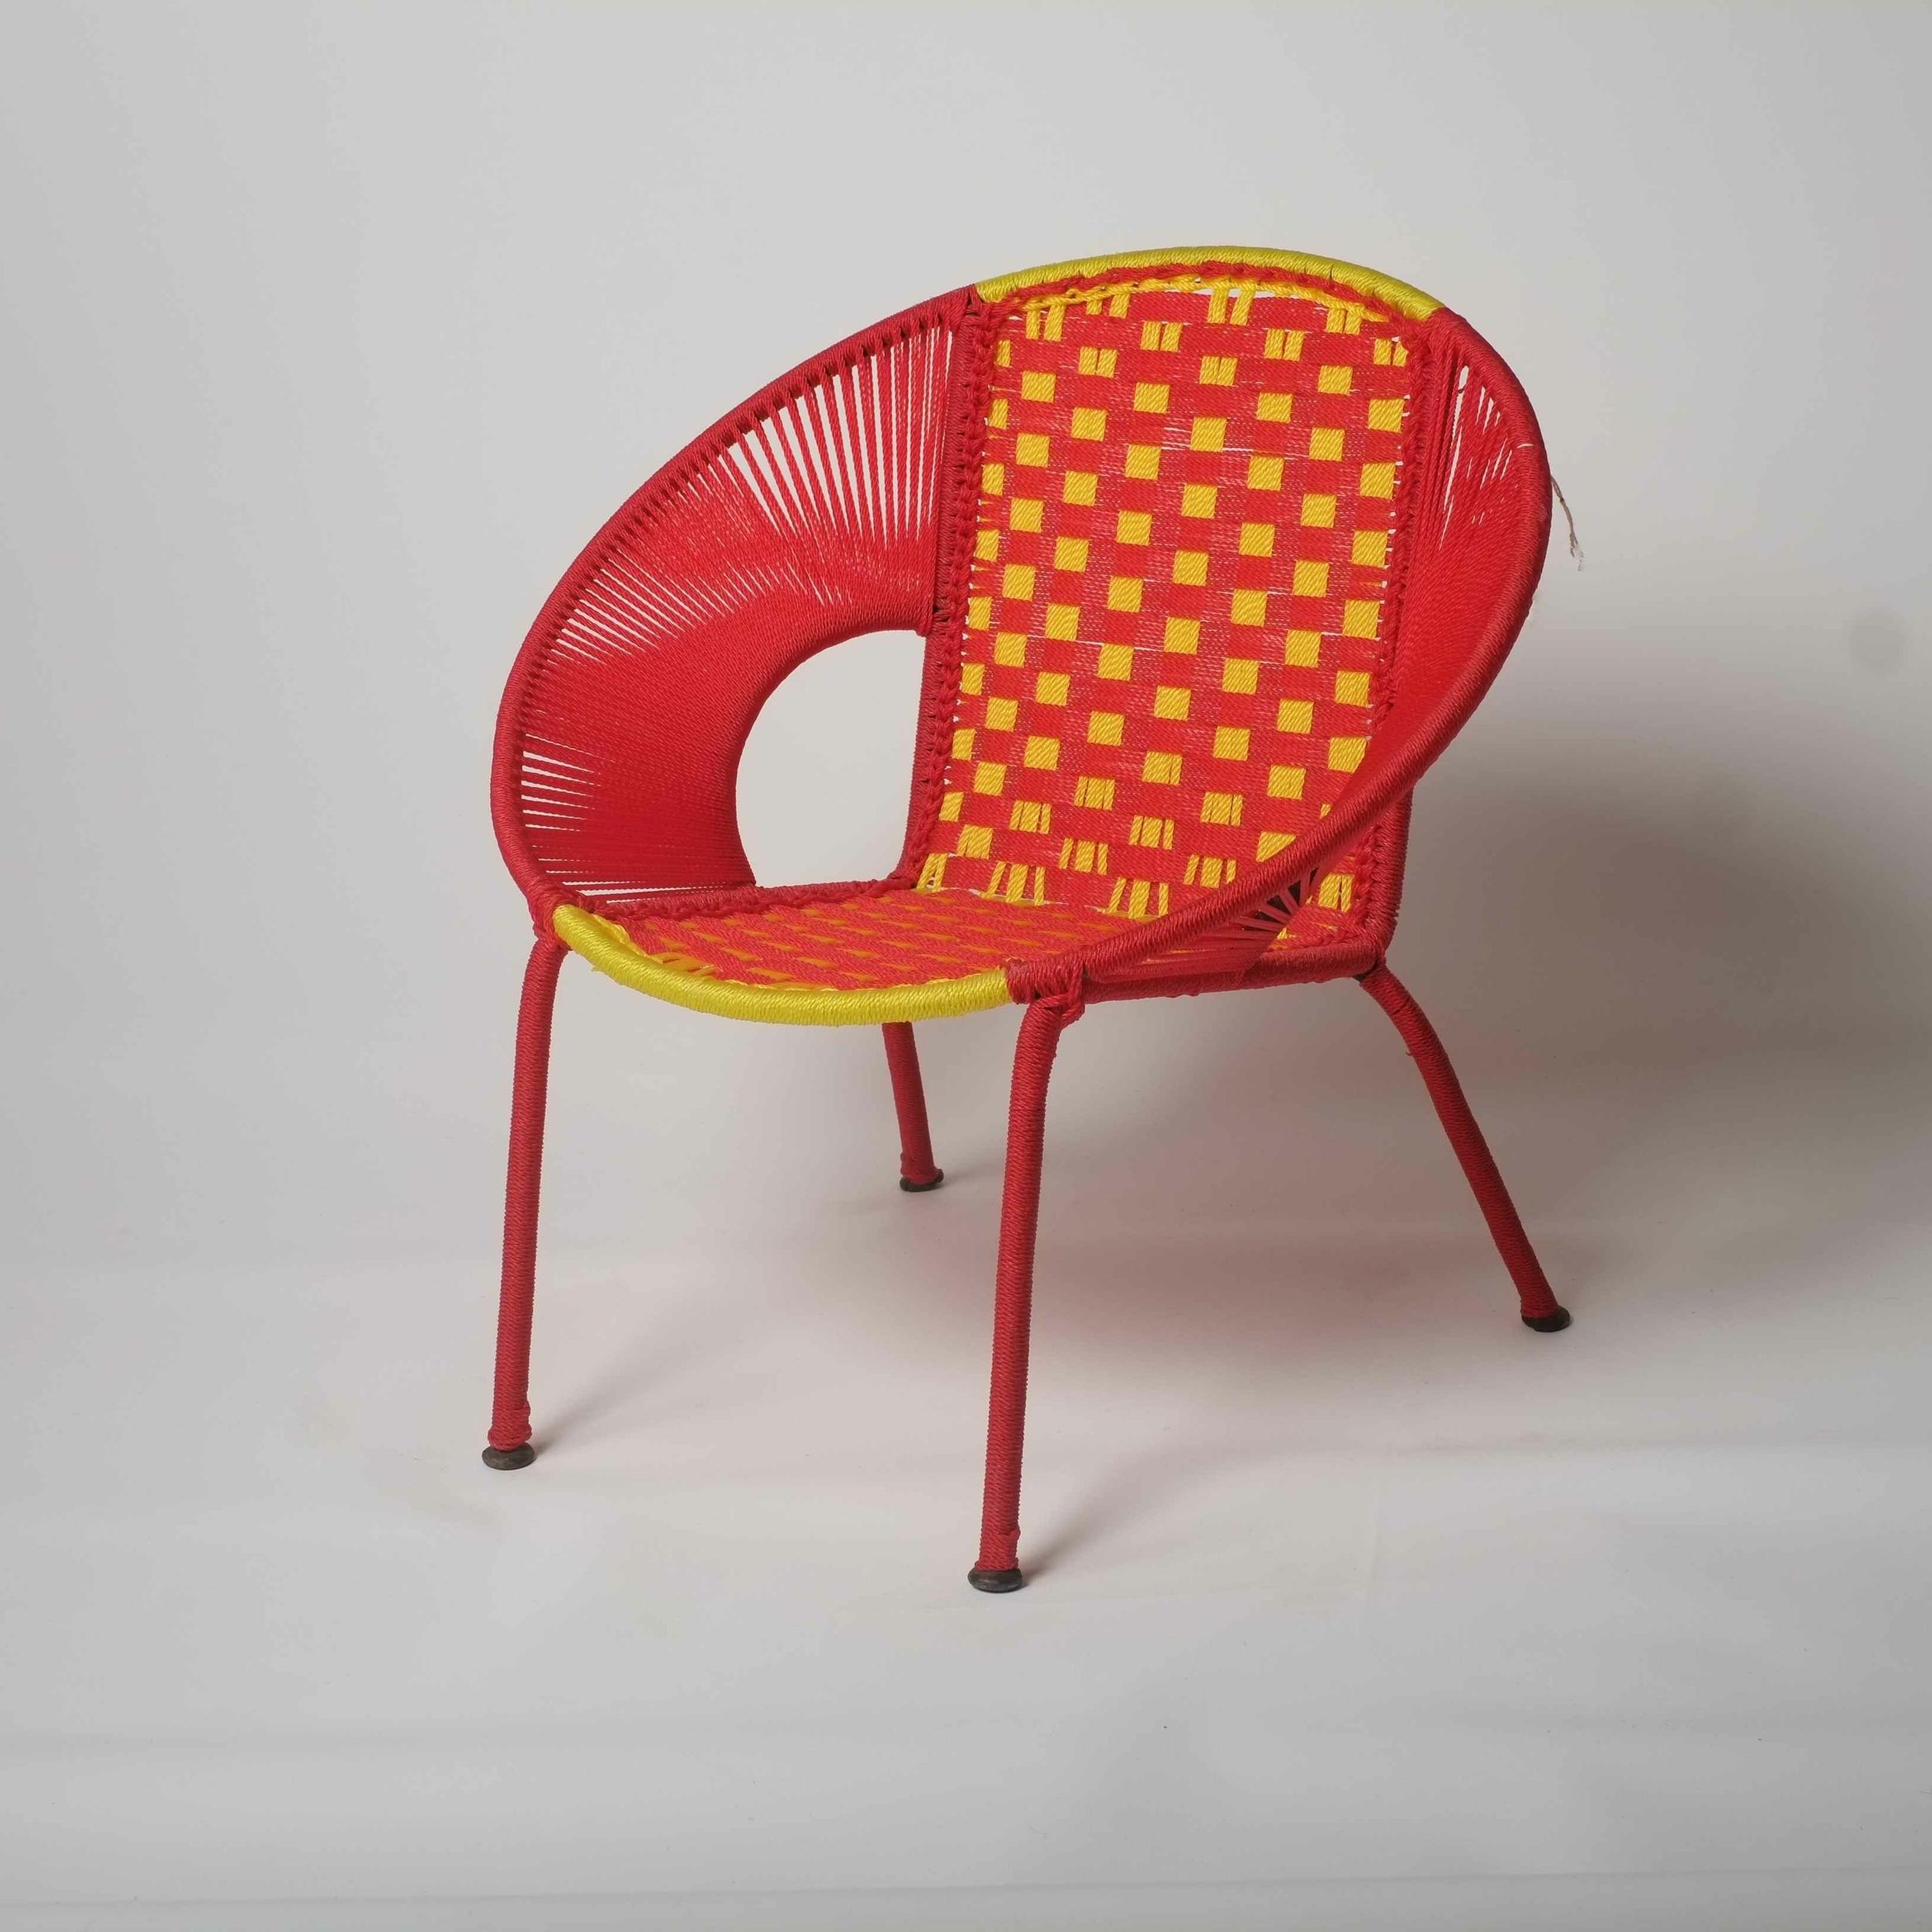 Chaise enfant en métal et fil de pêche recyclés modèle ailette rouge et jaune - Sénégal